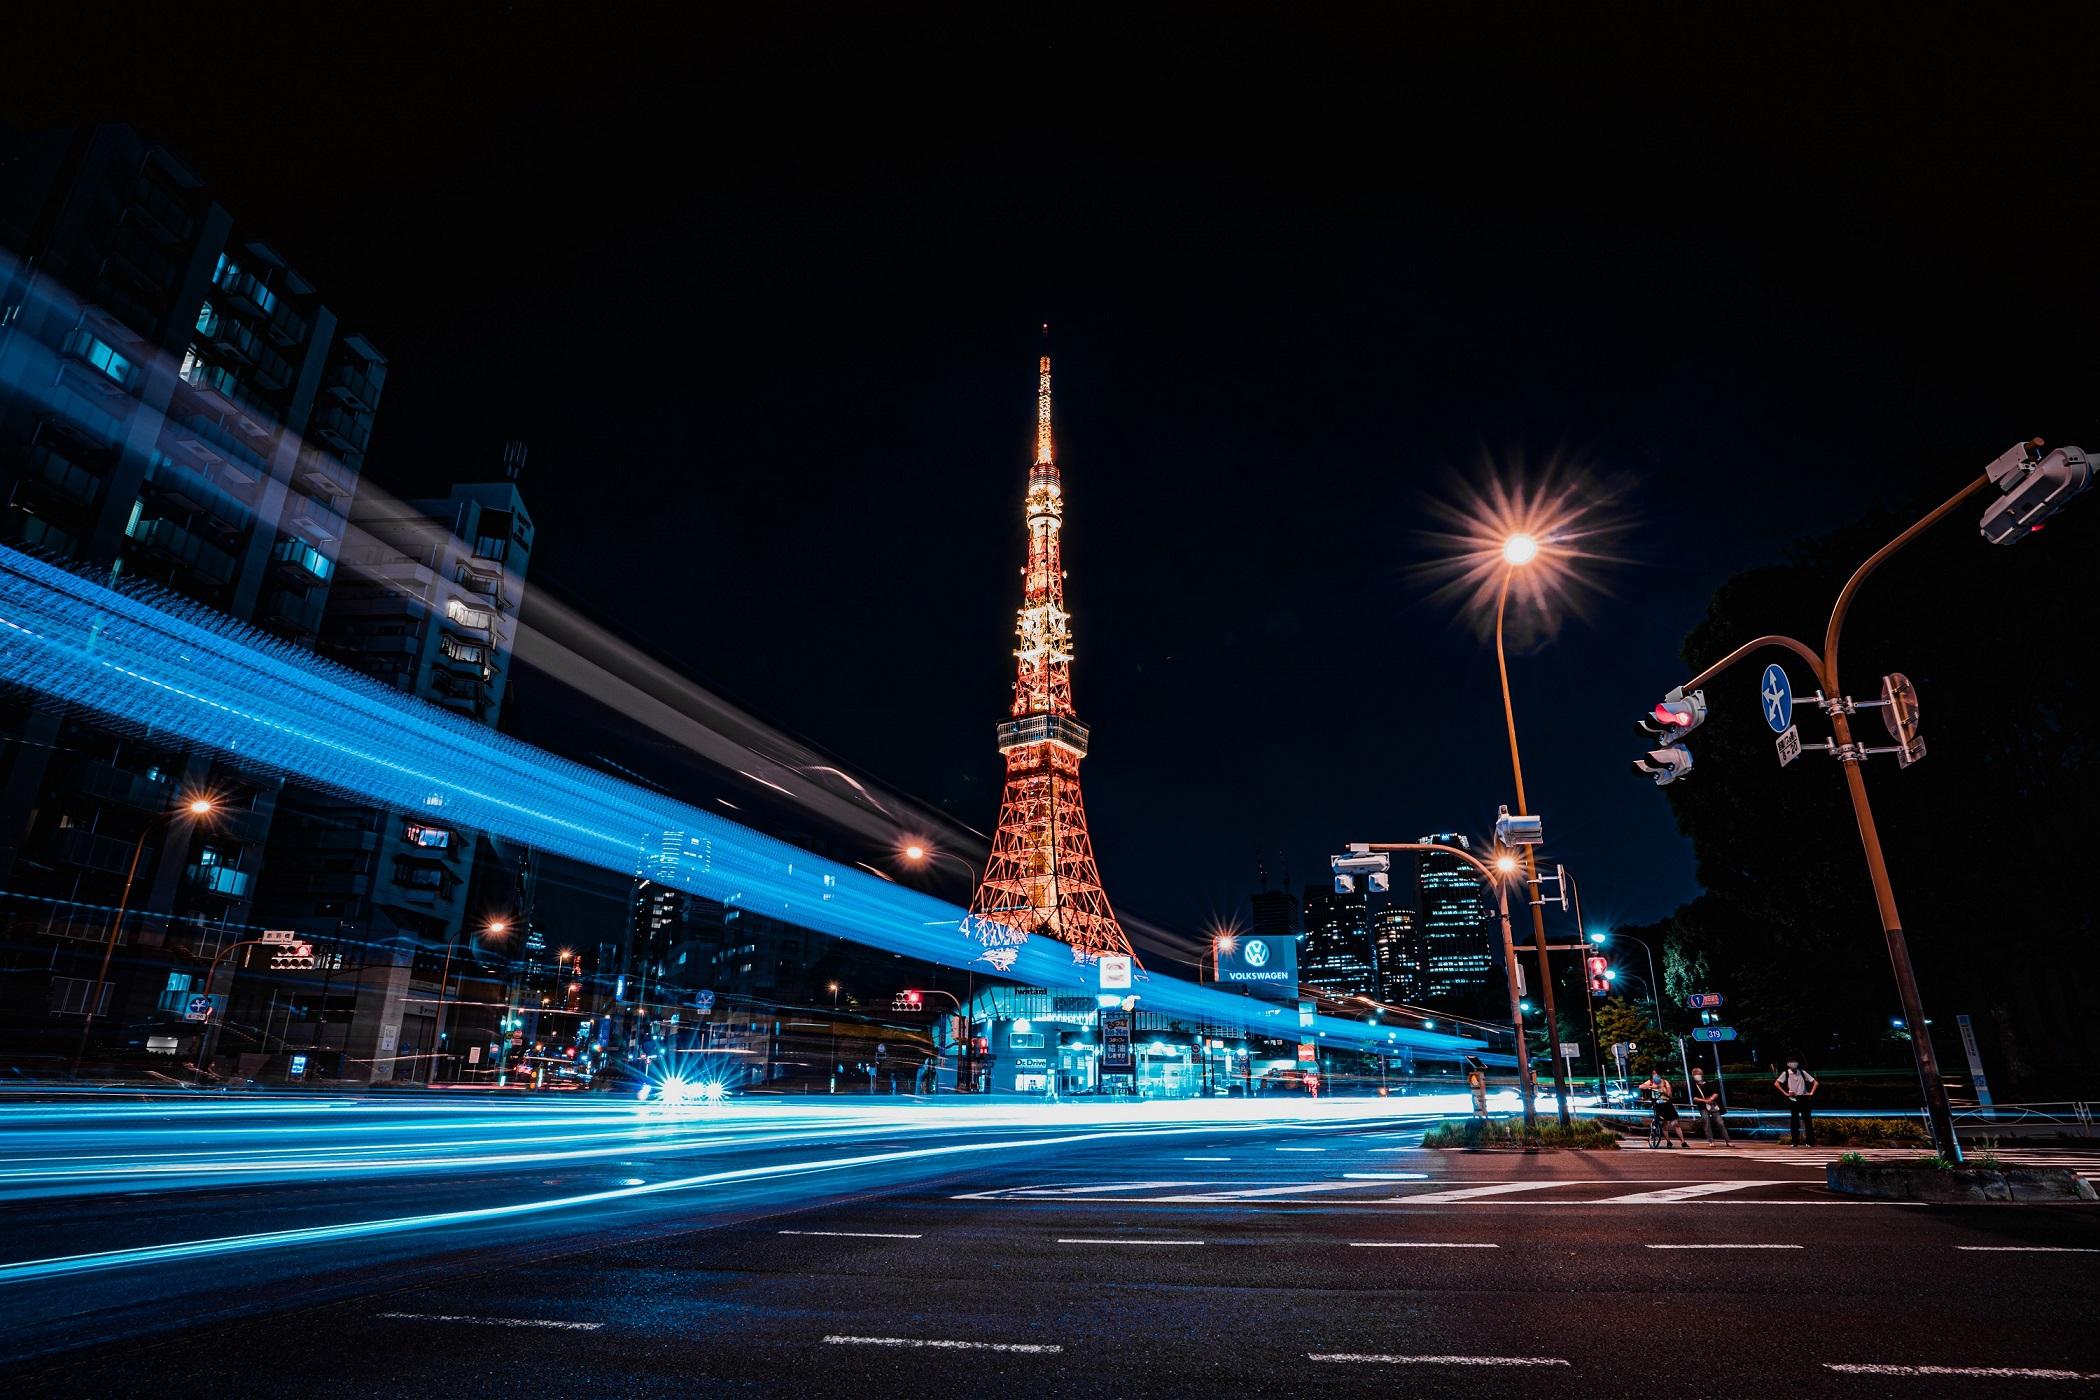 東京タワー,レーザービーム,夜景